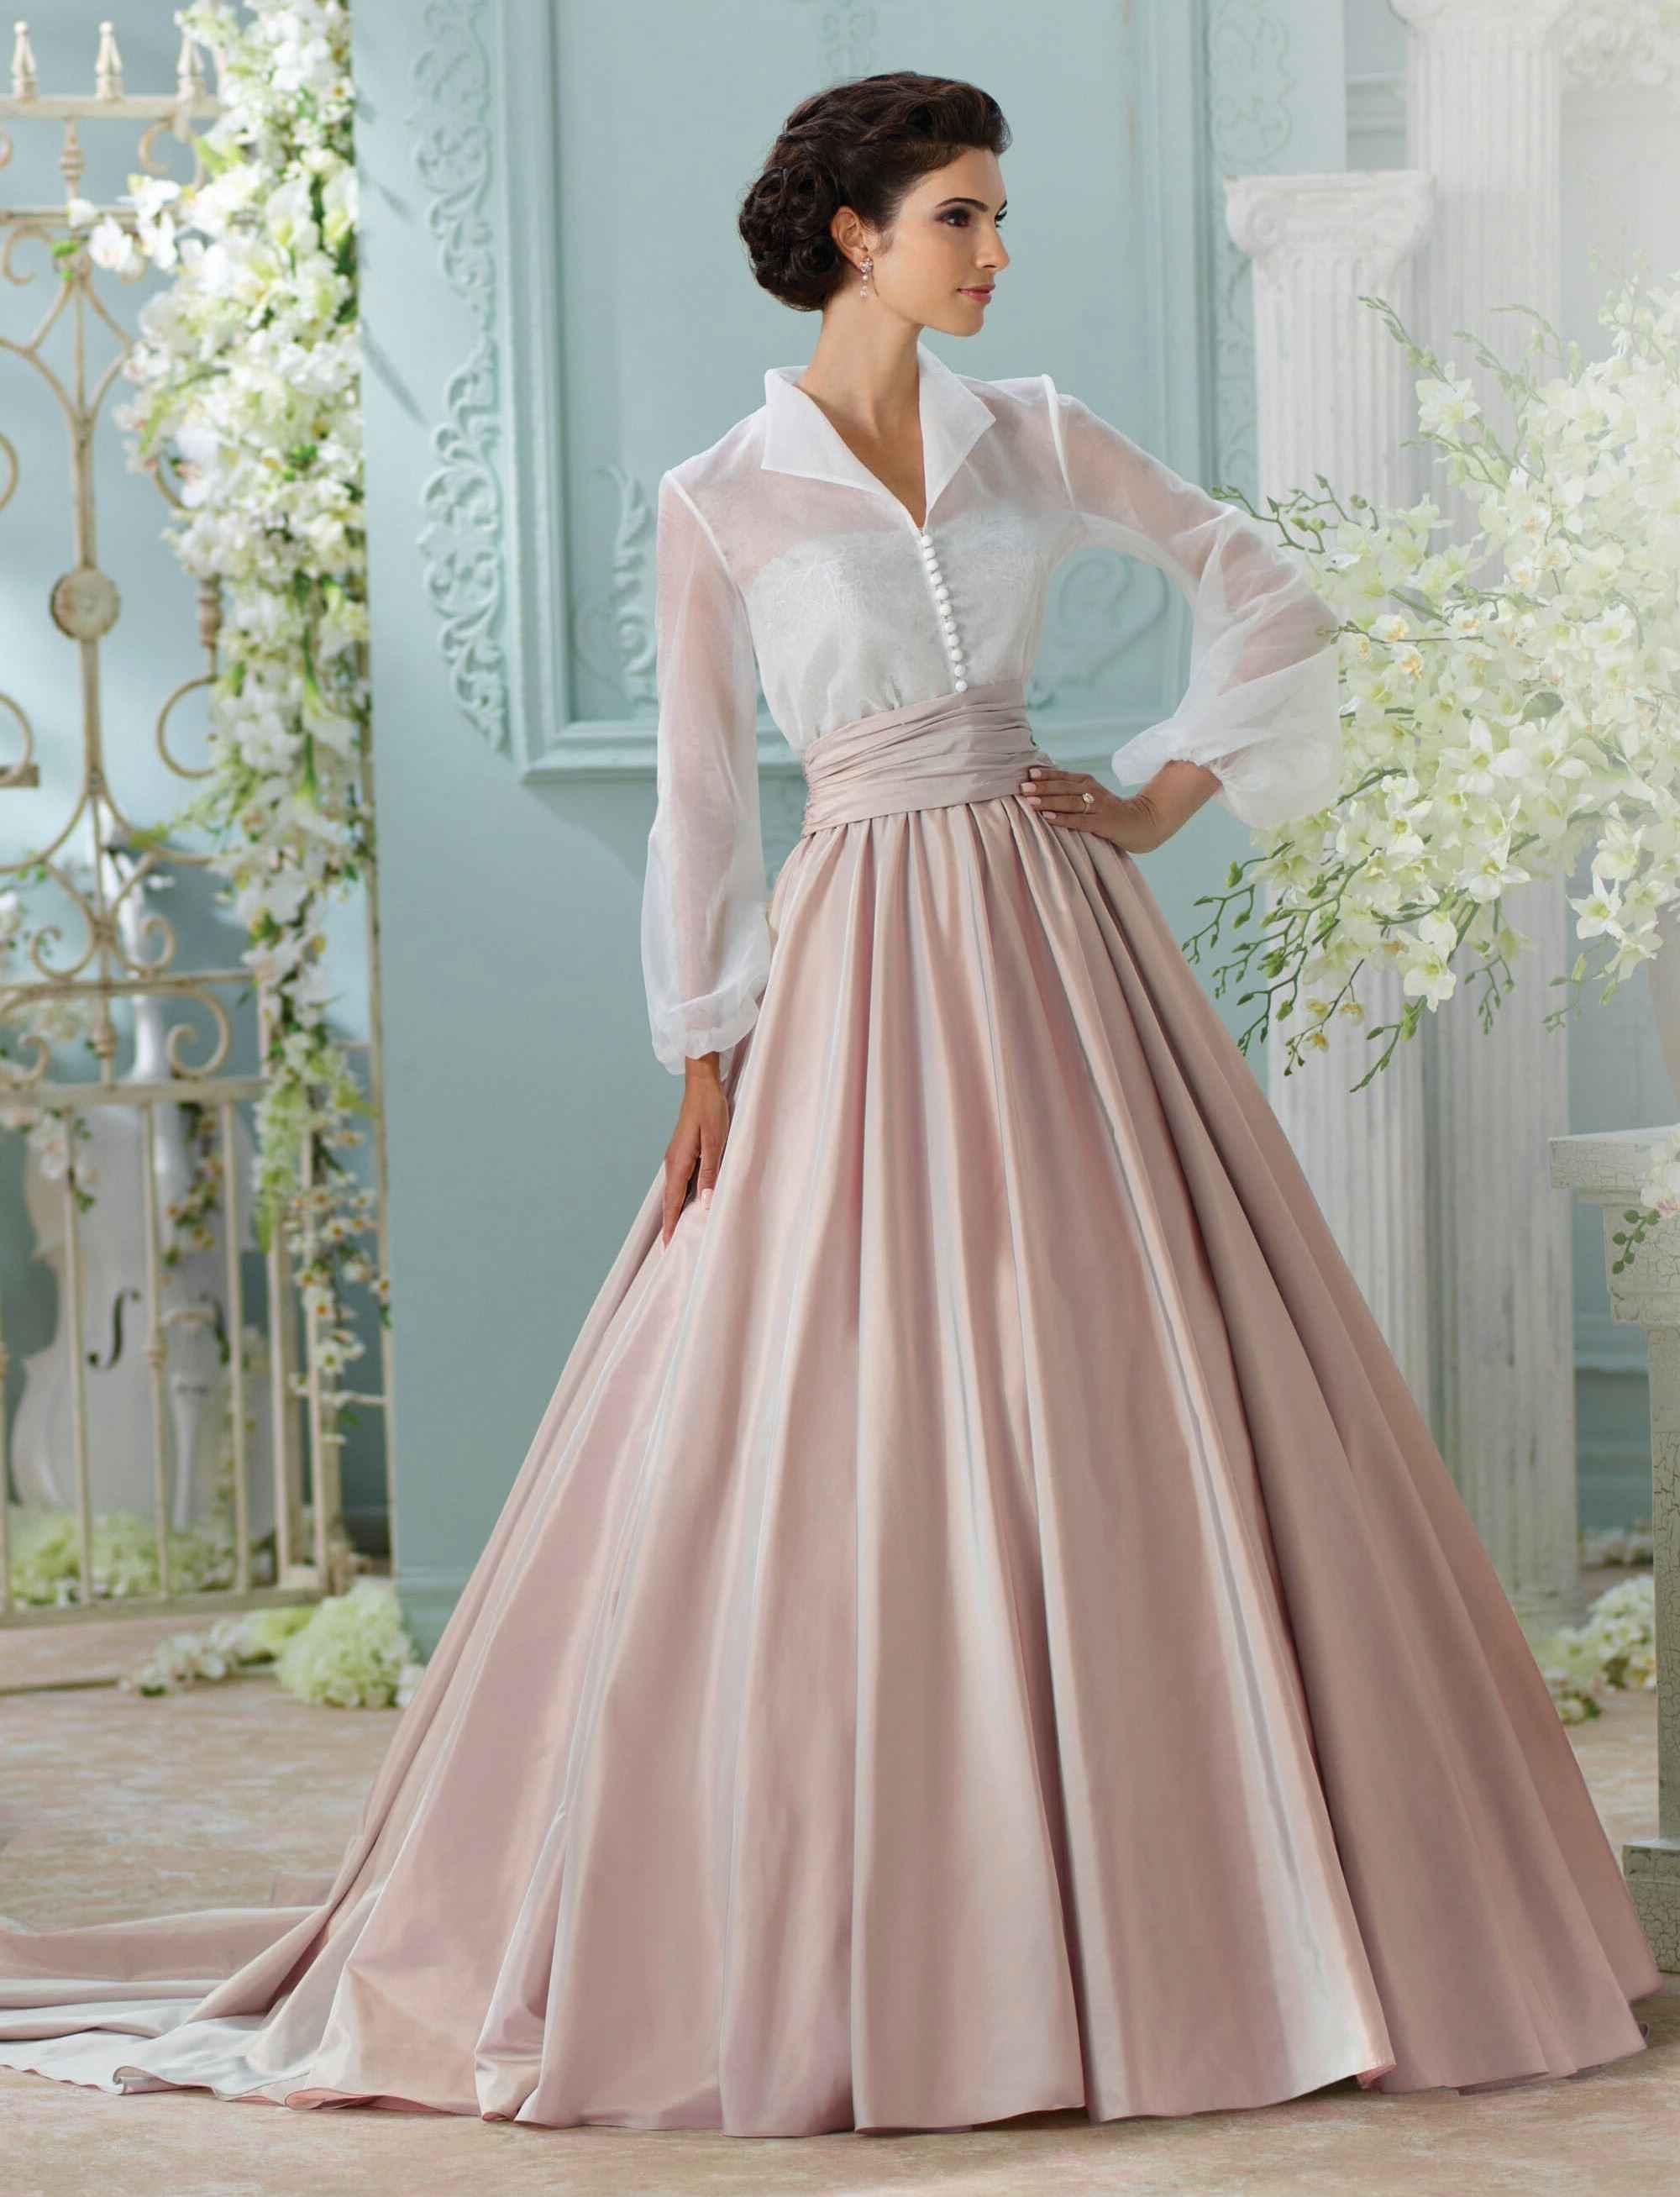 Вечерние юбка с блузкой фото